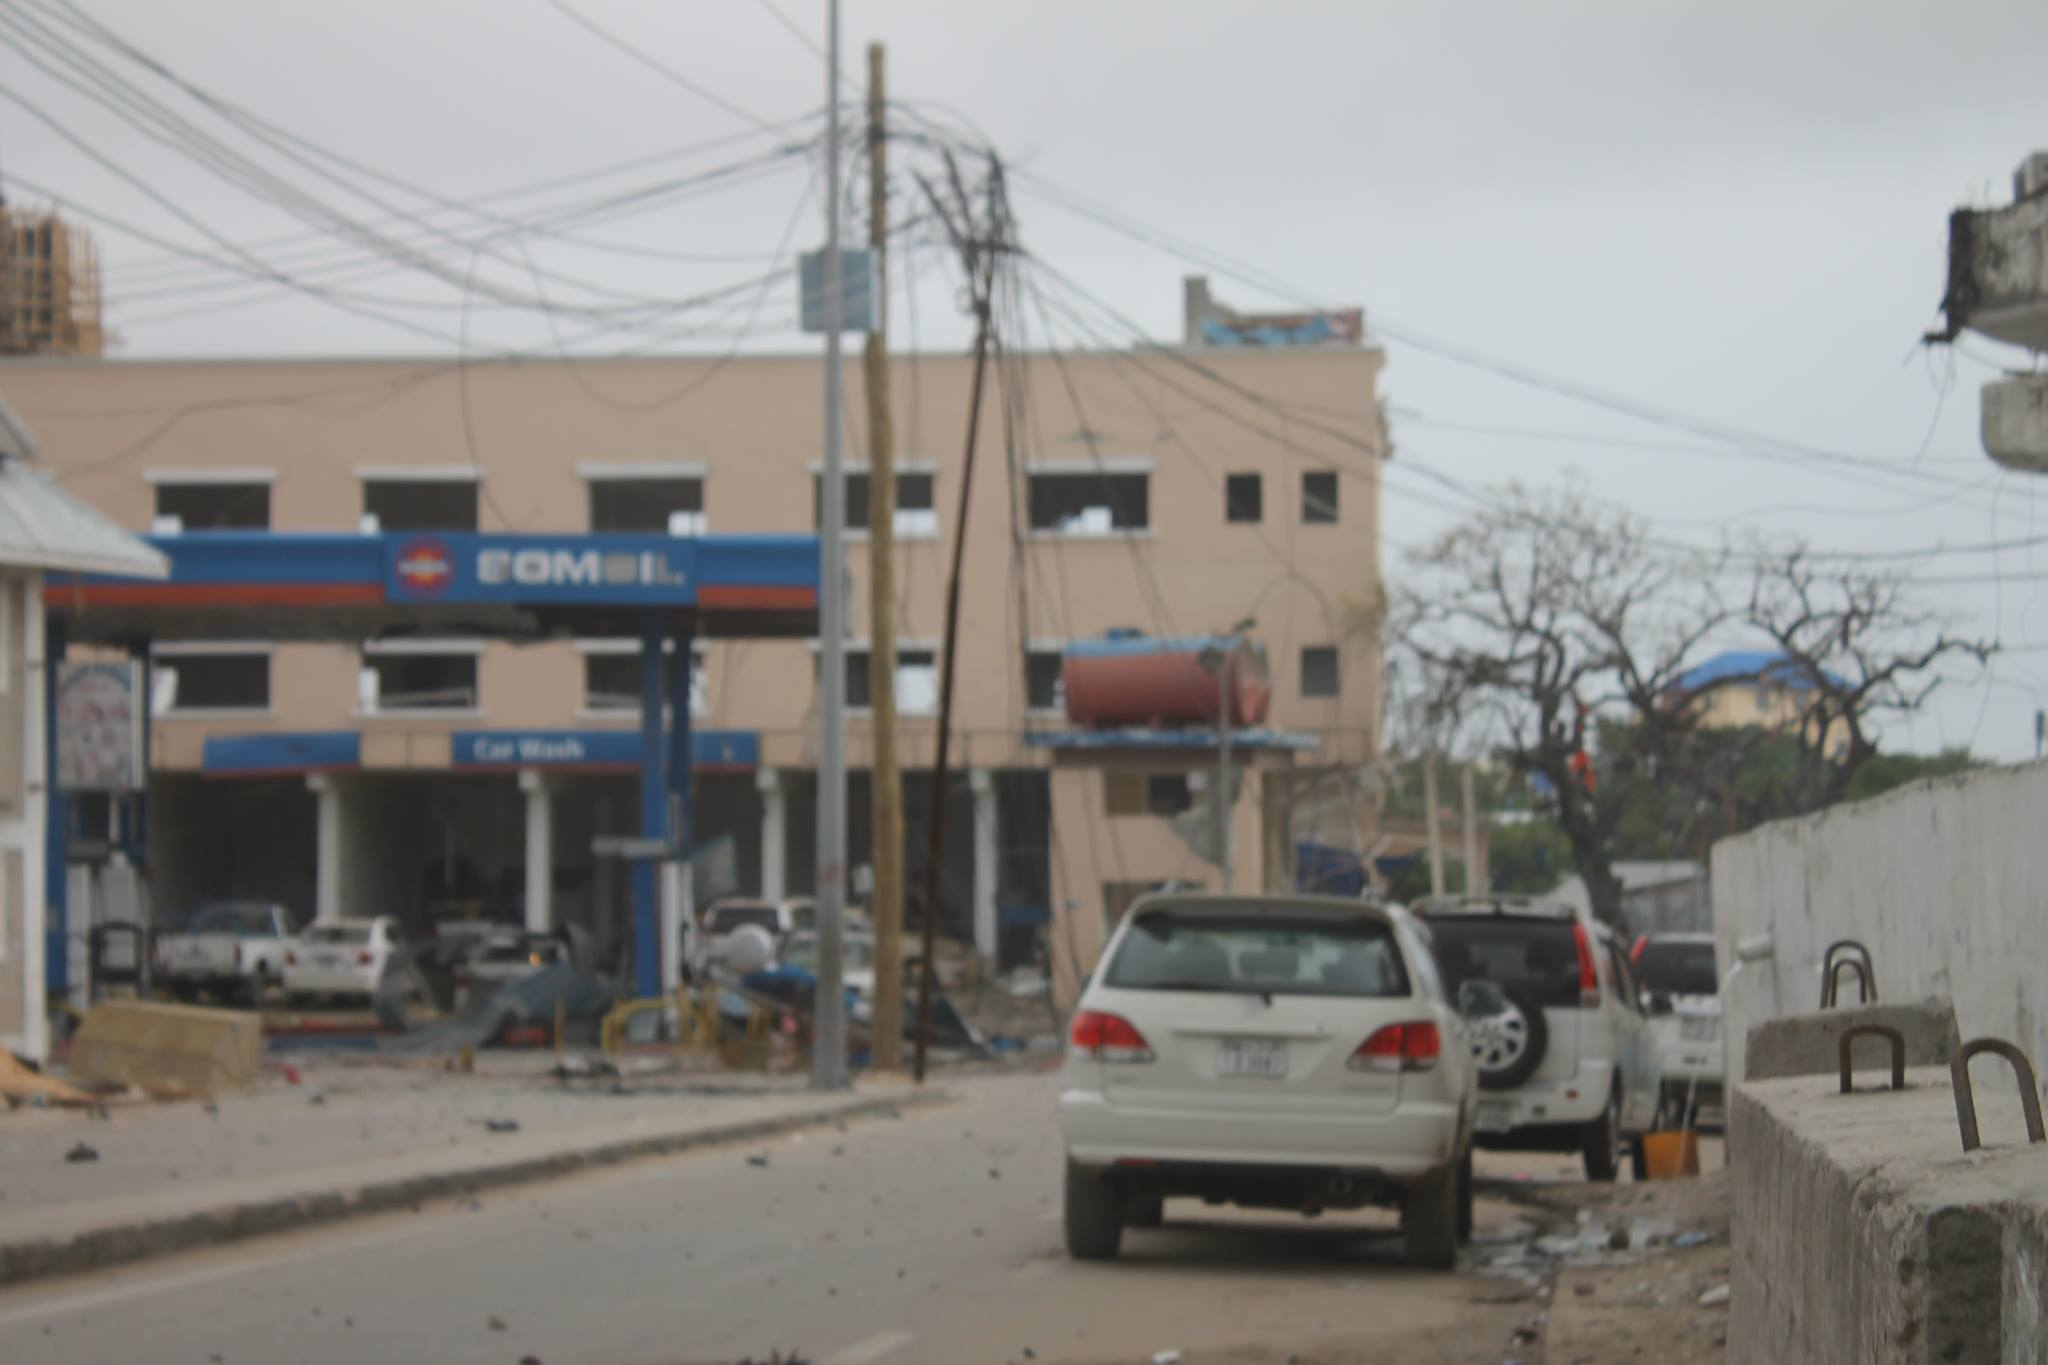 [Wardegdega Daawo] kaalinta Shidaalka KM4 Muqdisho oo gubatay